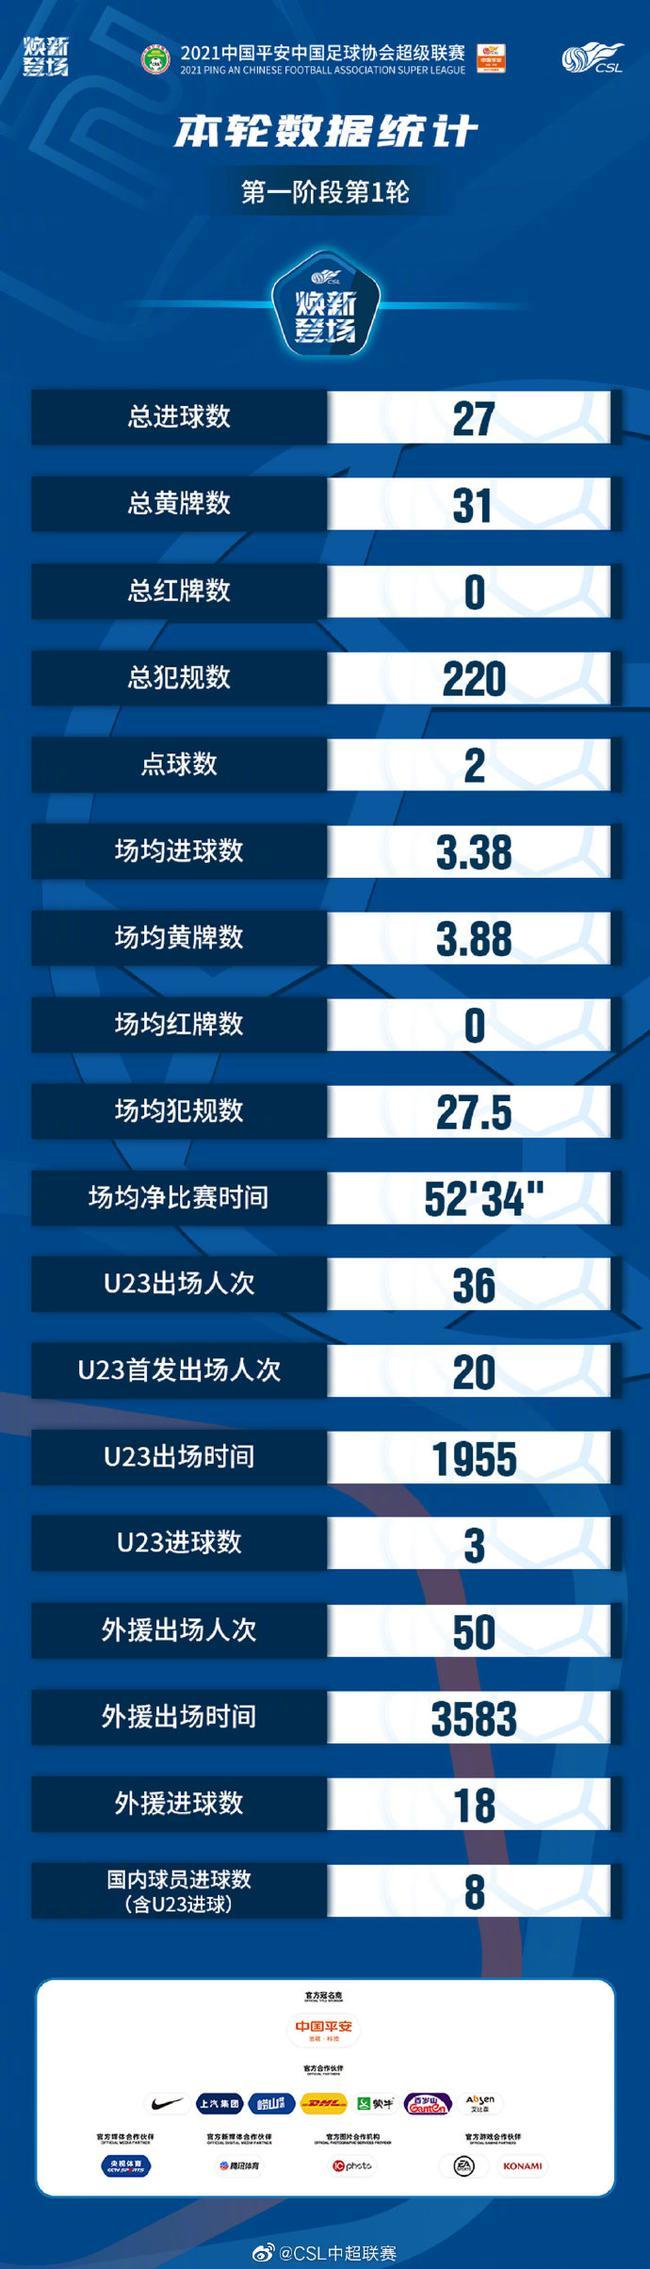 中超首轮数据统计:总进球27外援18球 U23进3球